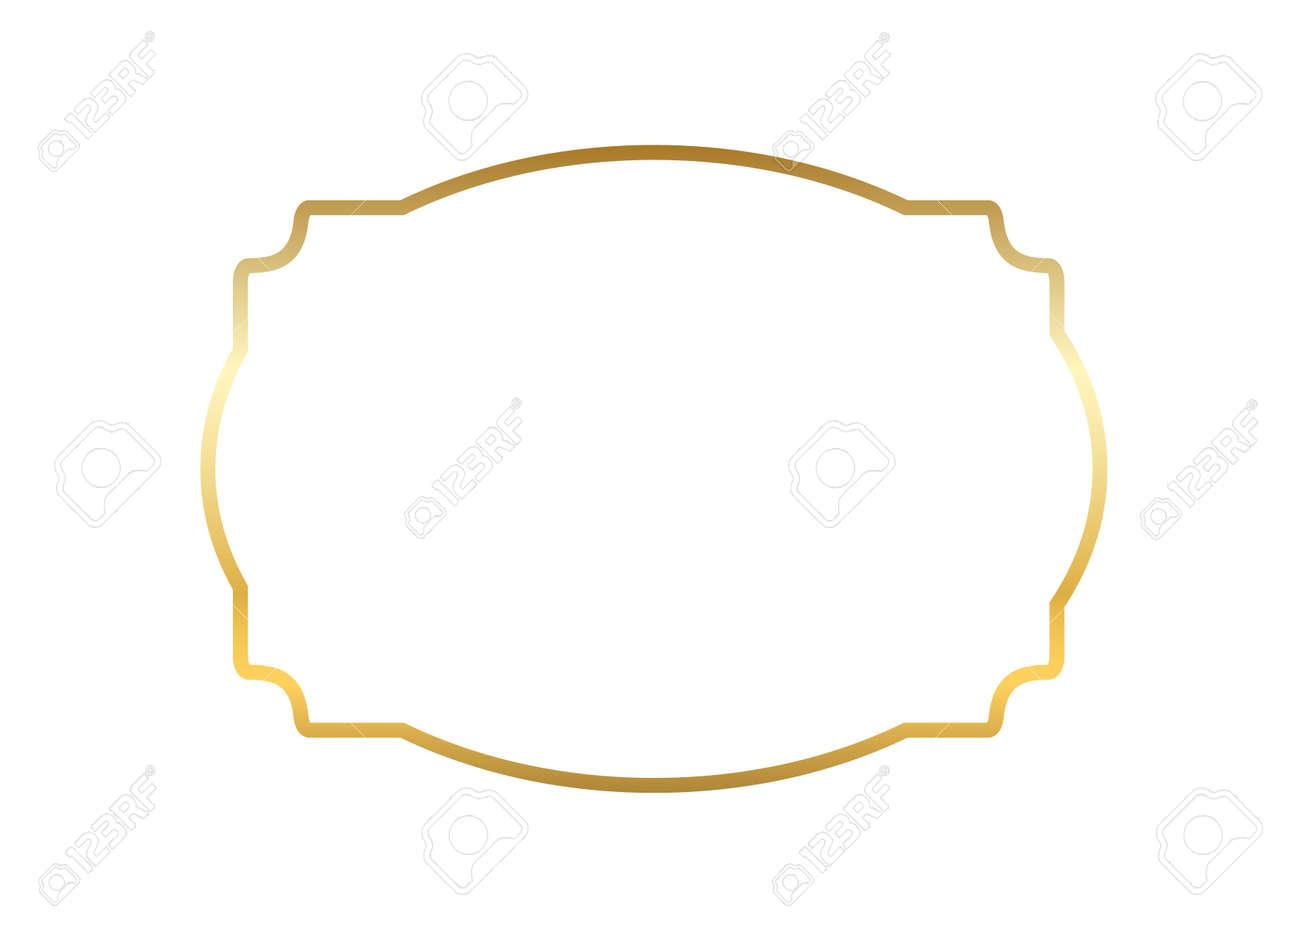 Cornice Oro Bella Semplice Design Dorato Priorita Bassa Decorativa